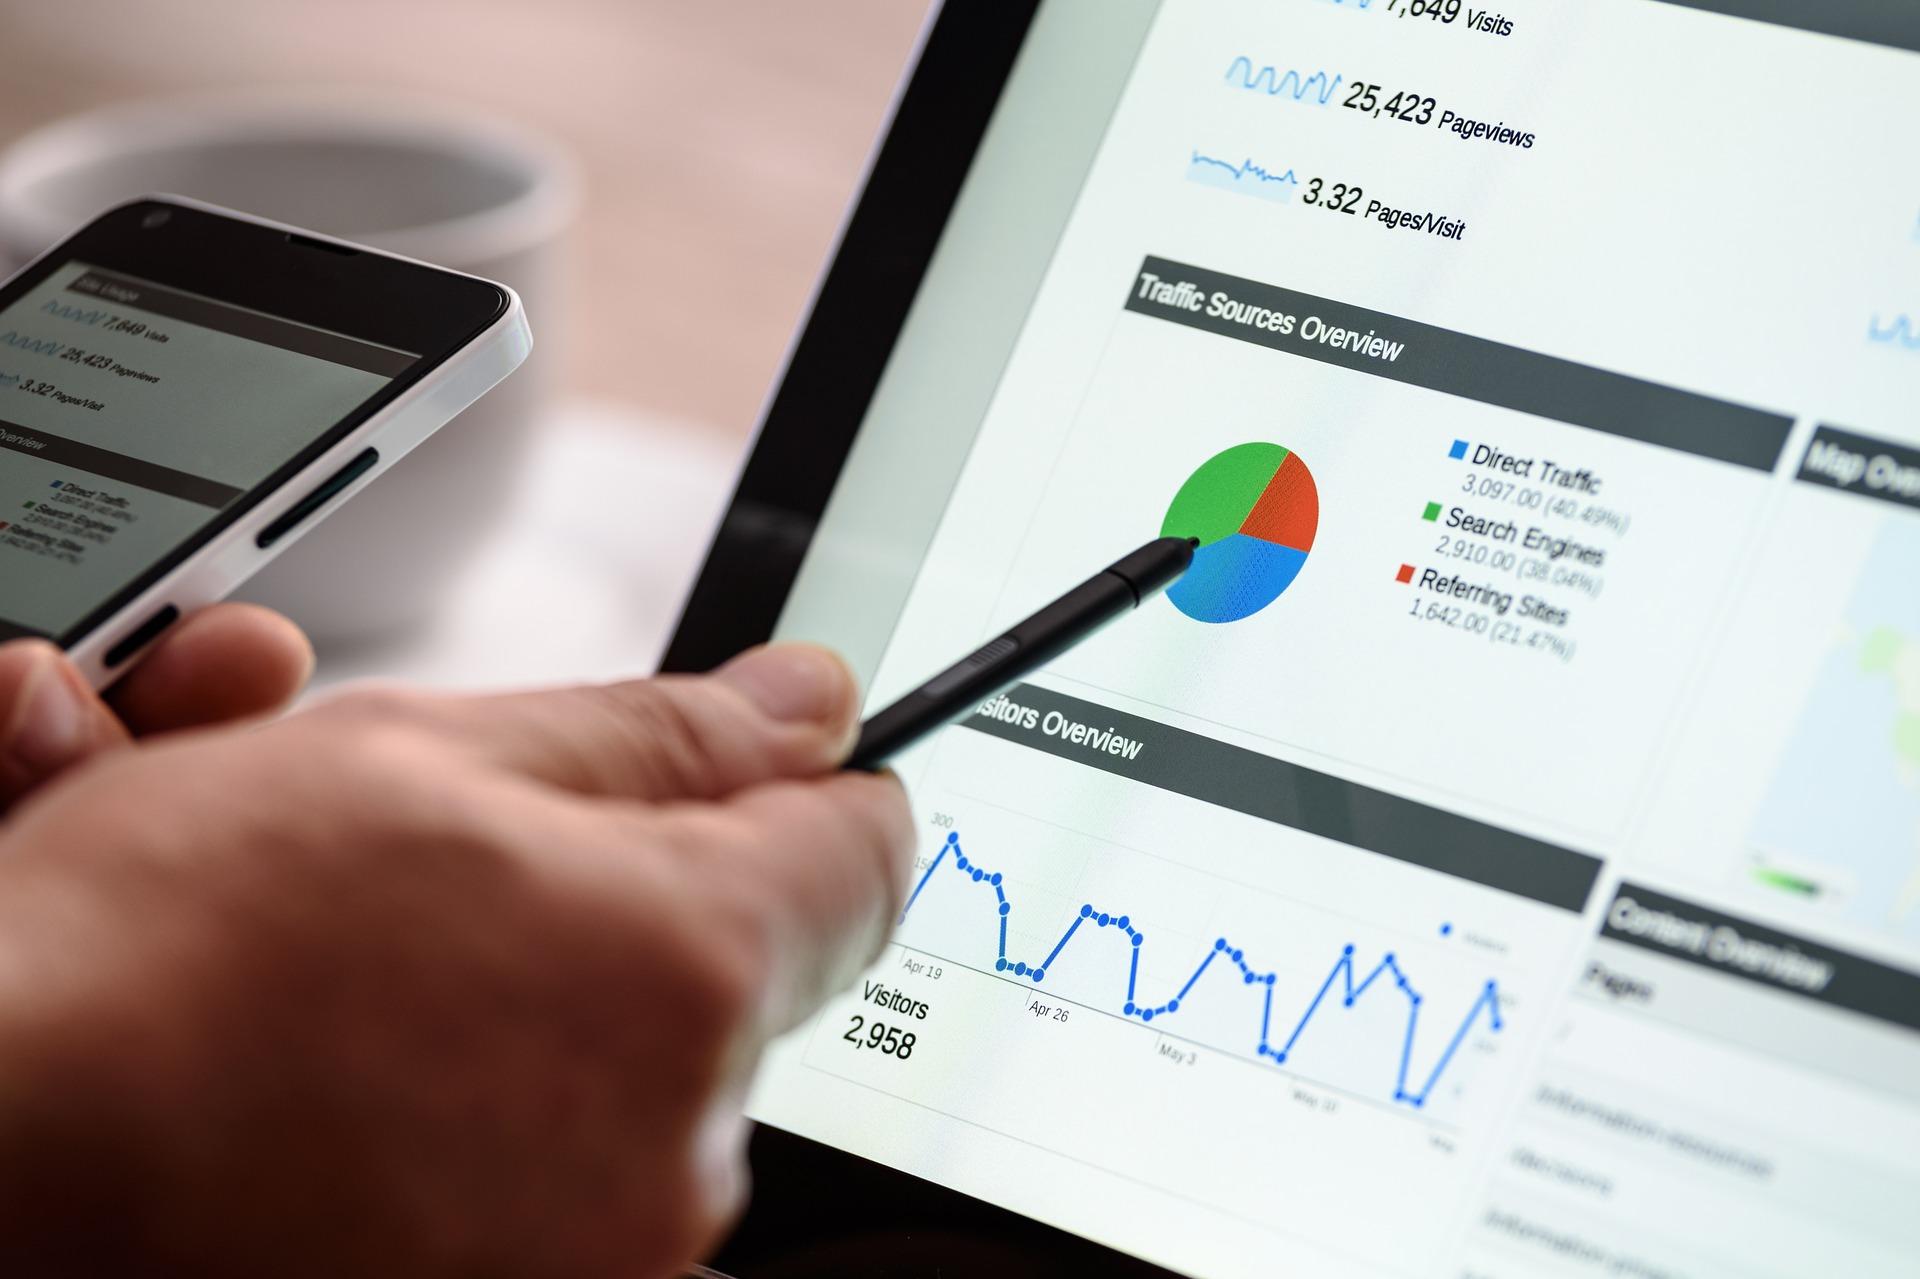 Ventajas De Contratar Una Agencia De Marketing Para La Creación De Contenido